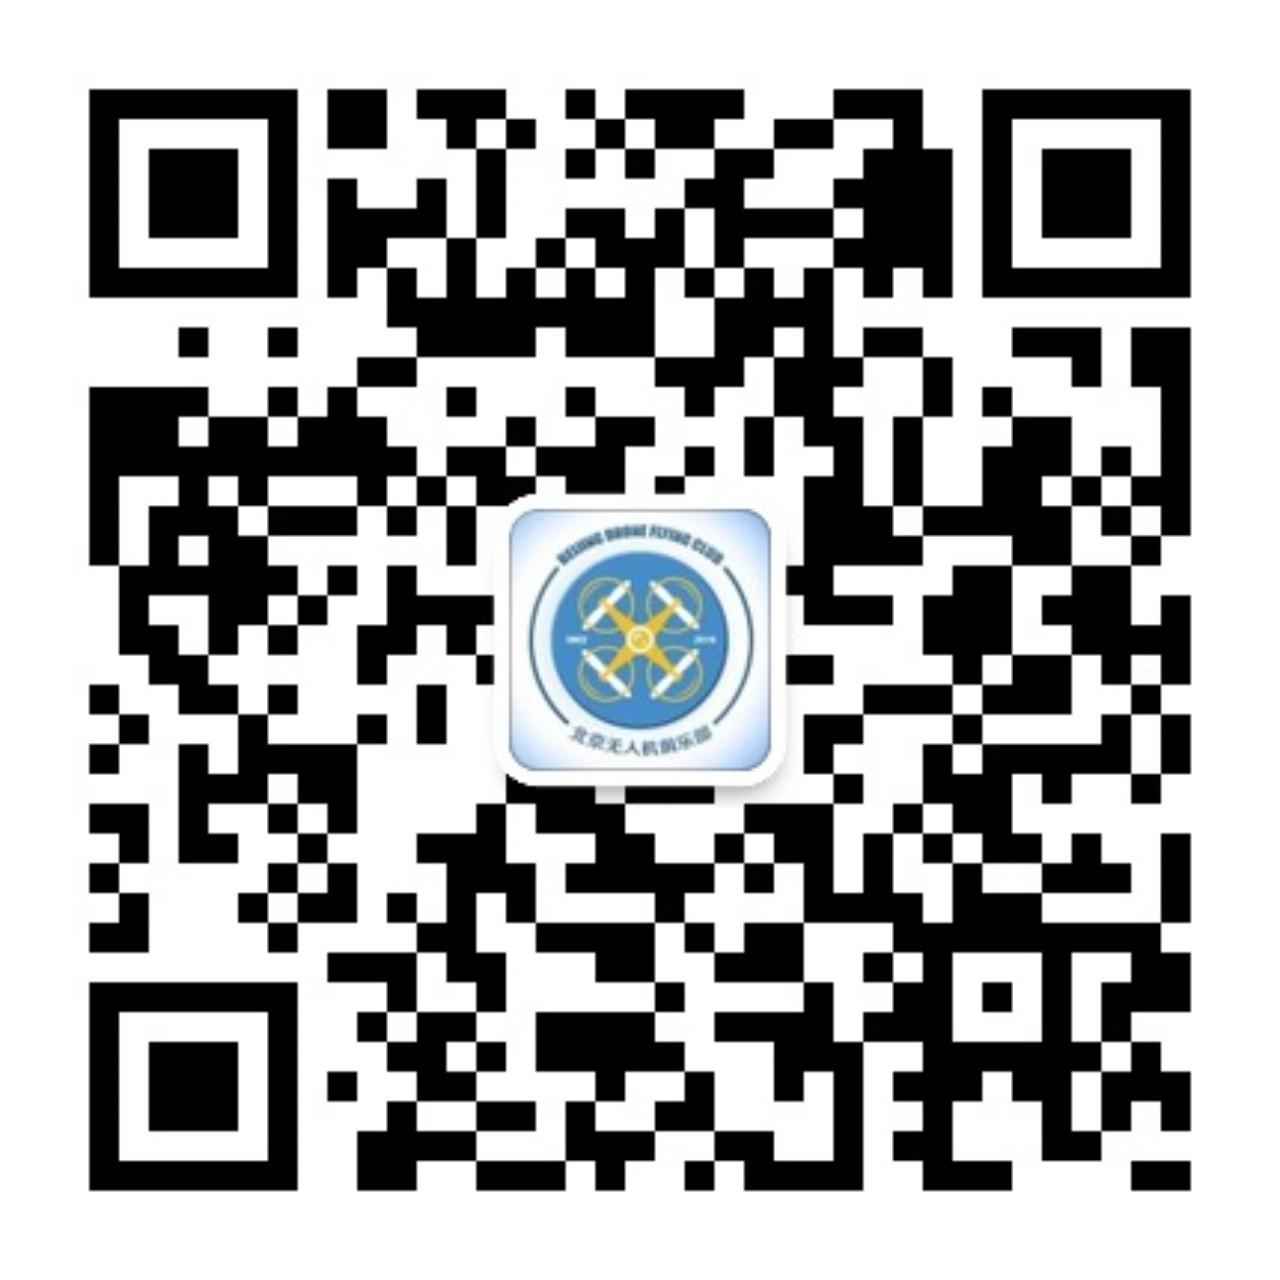 141625v28m39811t8t9z01.jpg